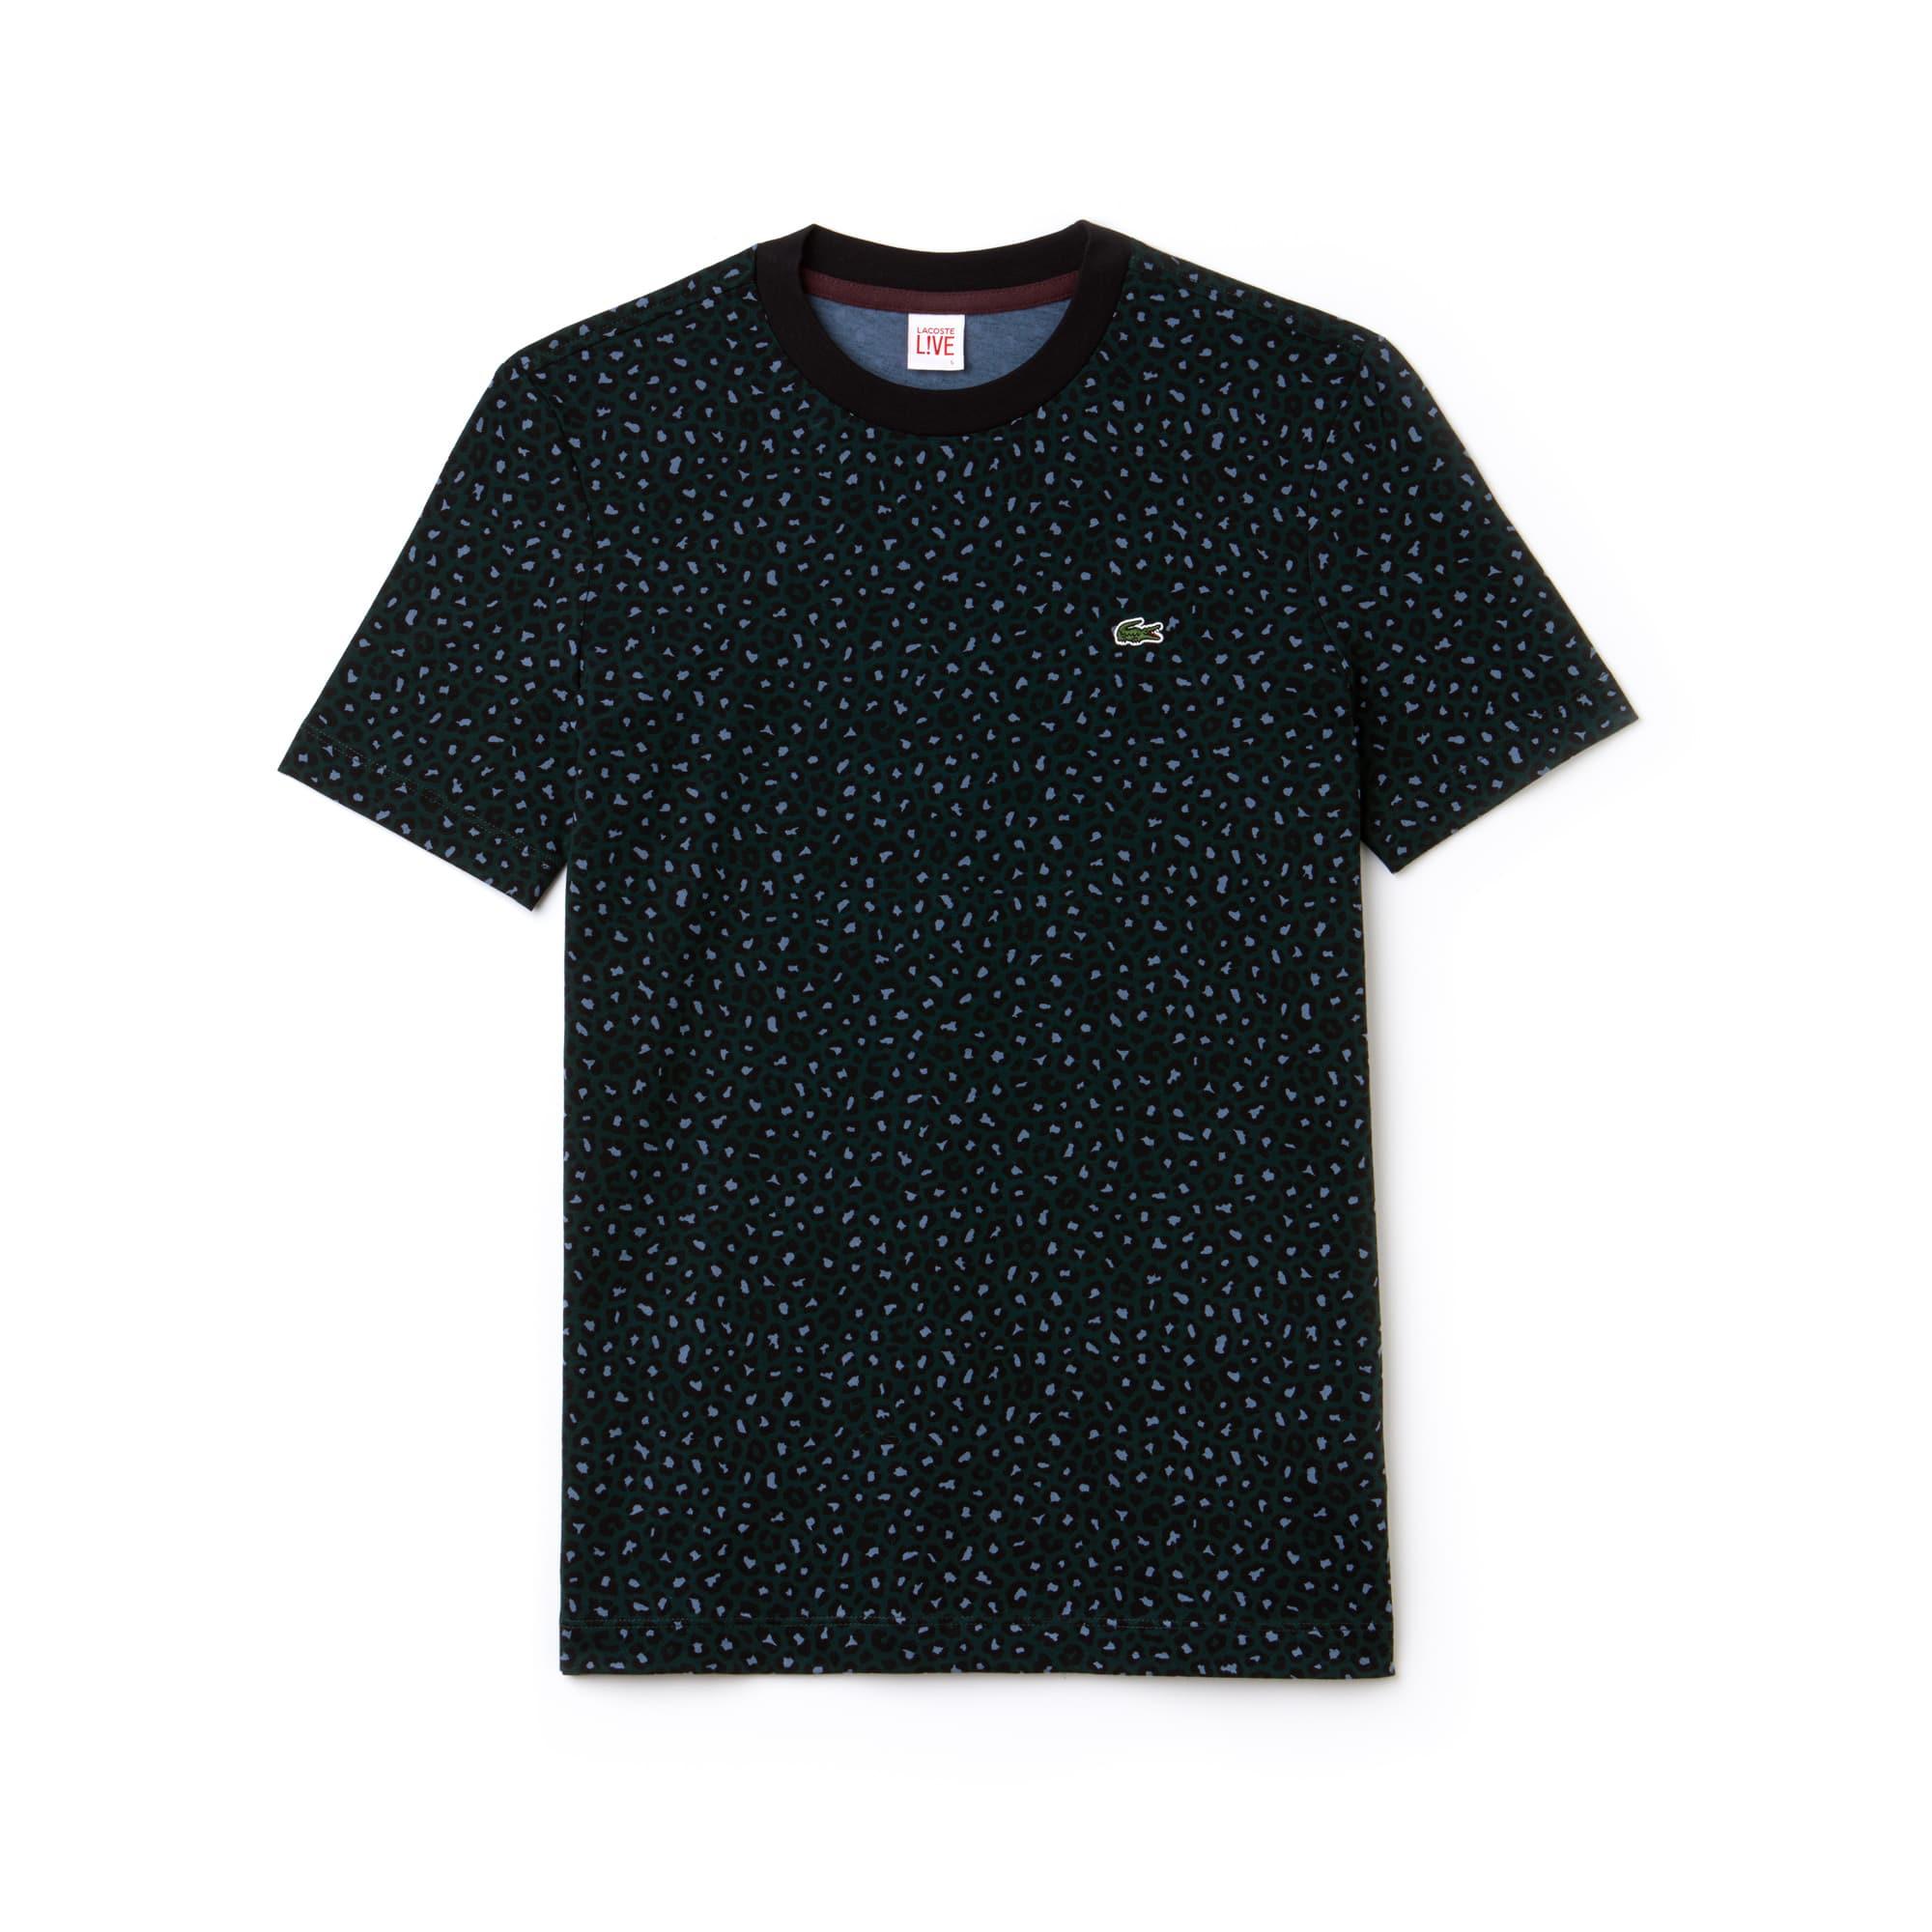 Lacoste - Camiseta De Hombre Lacoste LIVE En Tejido De Punto Con Estampado De Leopardo Y Cuello Redondo - 3